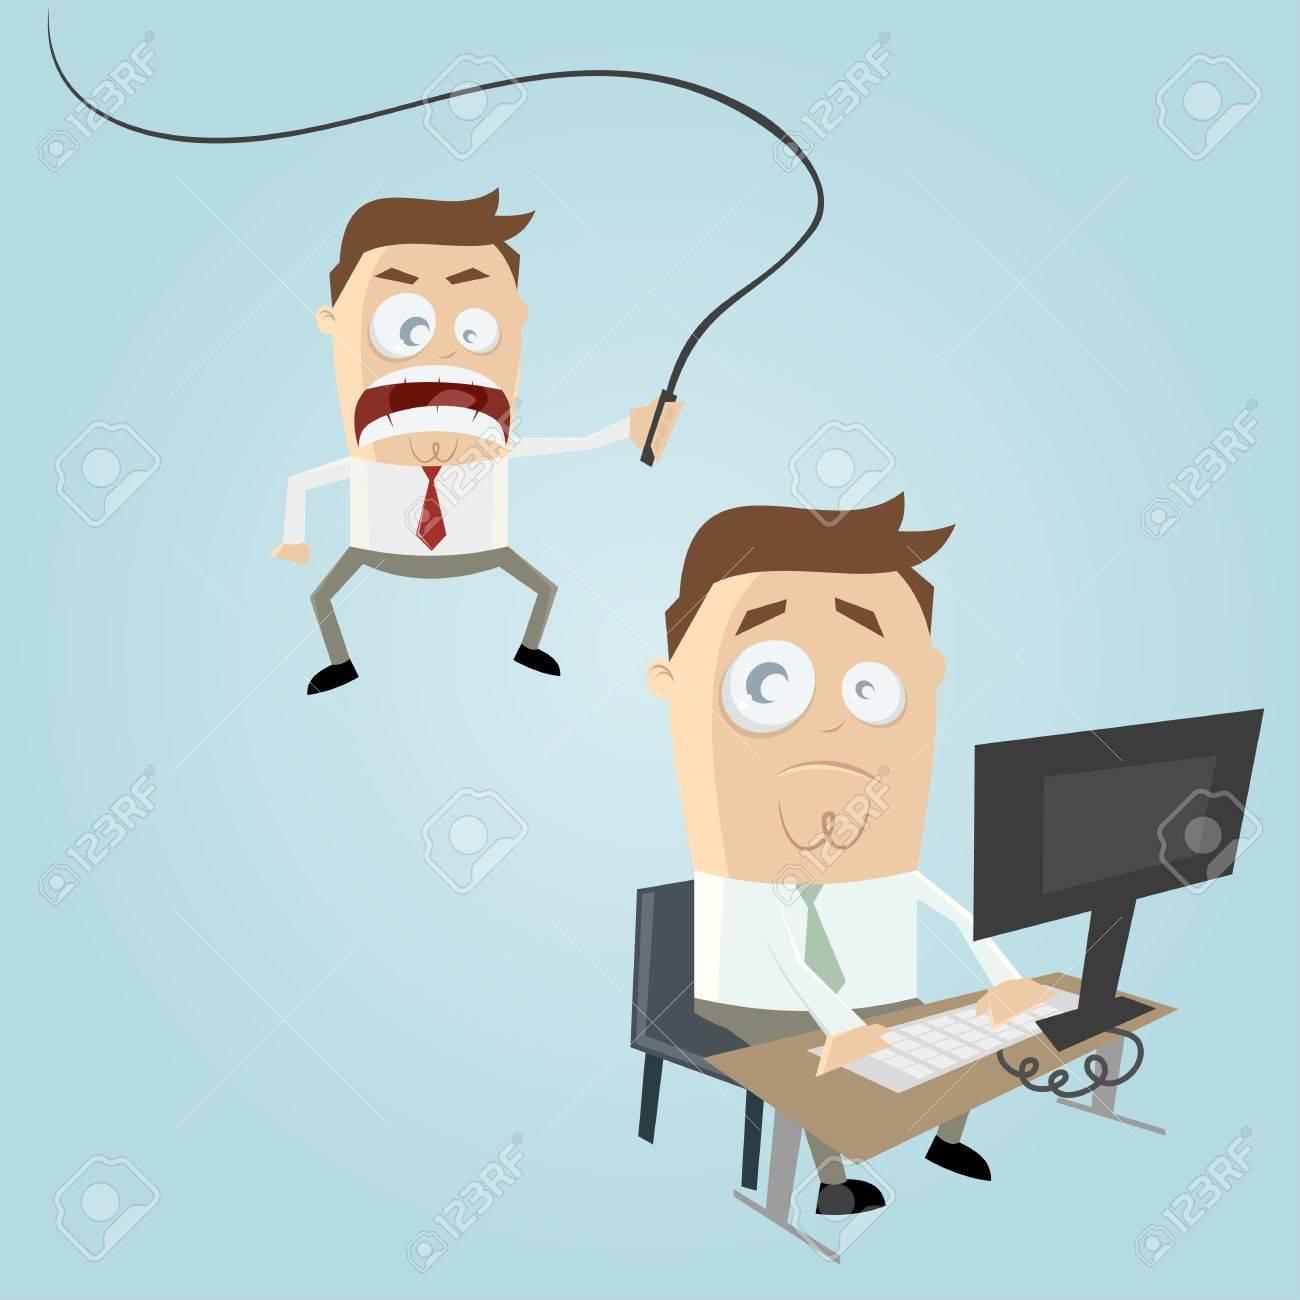 https://previews.123rf.com/images/shock77/shock771302/shock77130200042/17841318-caricatura-jefe-enojado-Foto-de-archivo.jpg